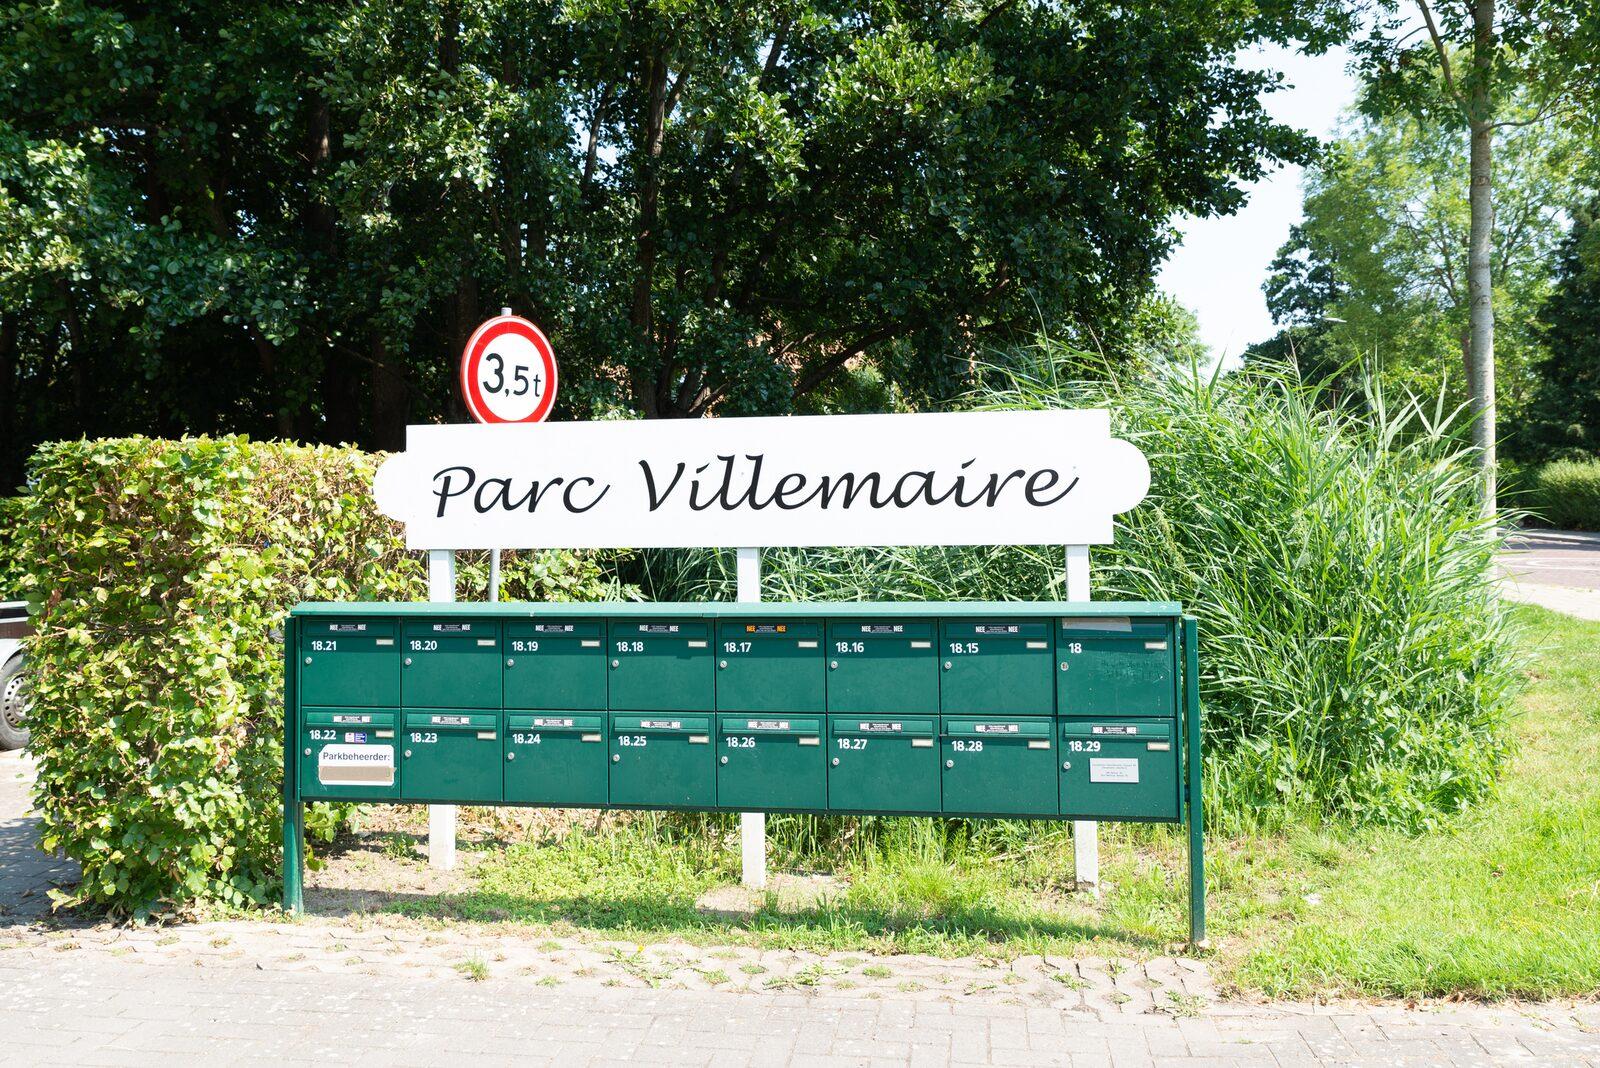 Vakantiewoning - Zuidweg 18 | Zonnemaire 'Park Villemaire huisje 17'